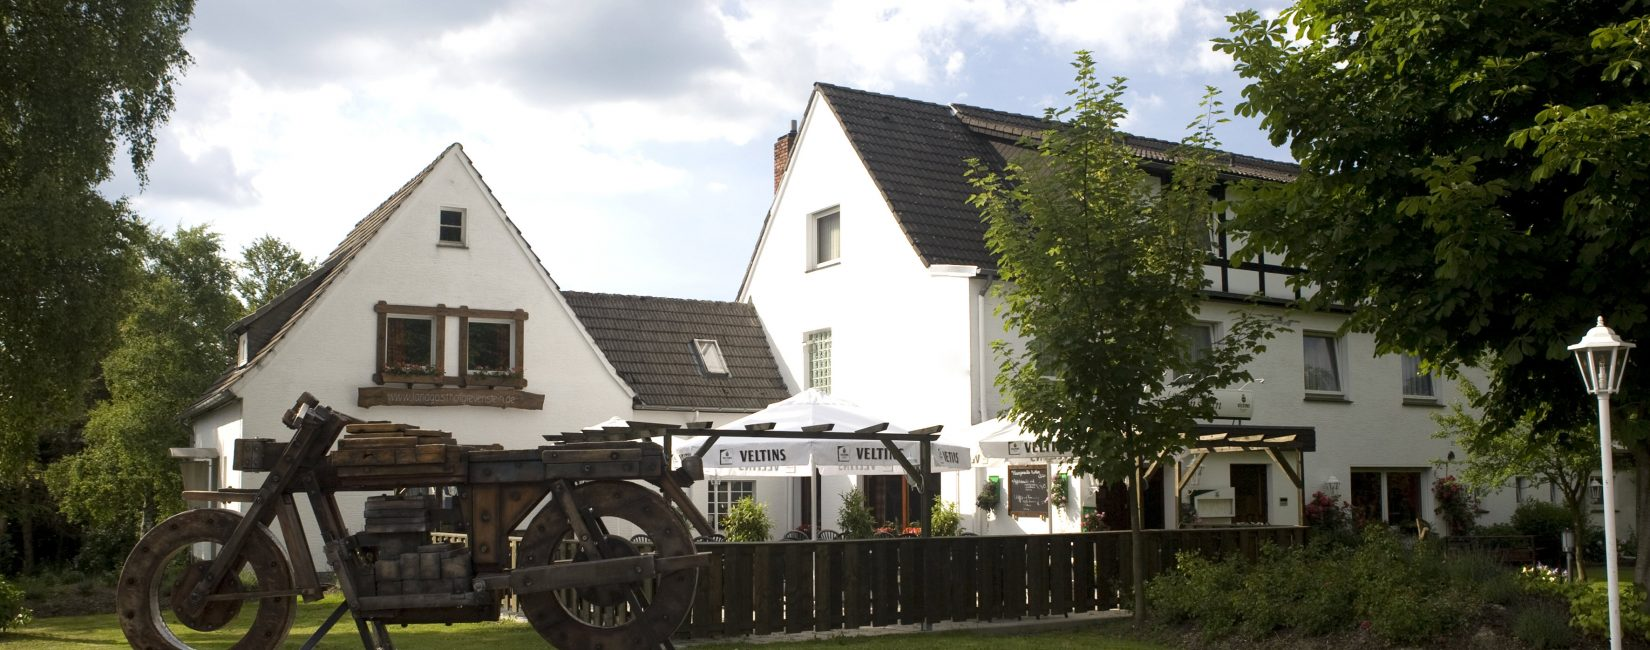 Hotel Sauerland - Landgasthof Grevenstein